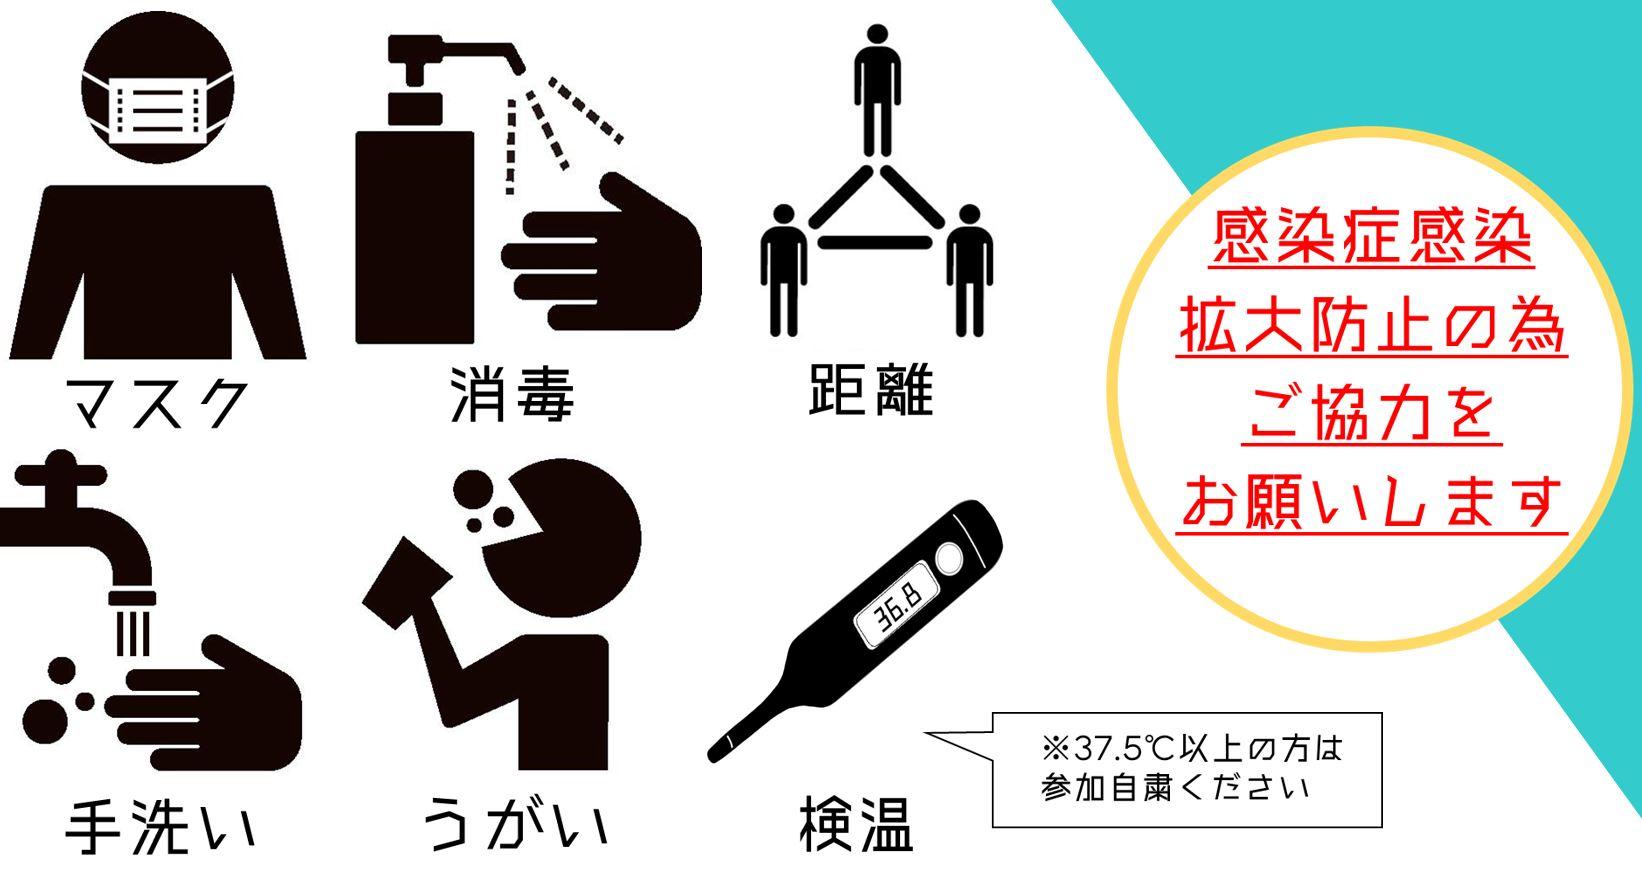 【実施】12月13日・19日のオープンキャンパスは感染対策を徹底し開催